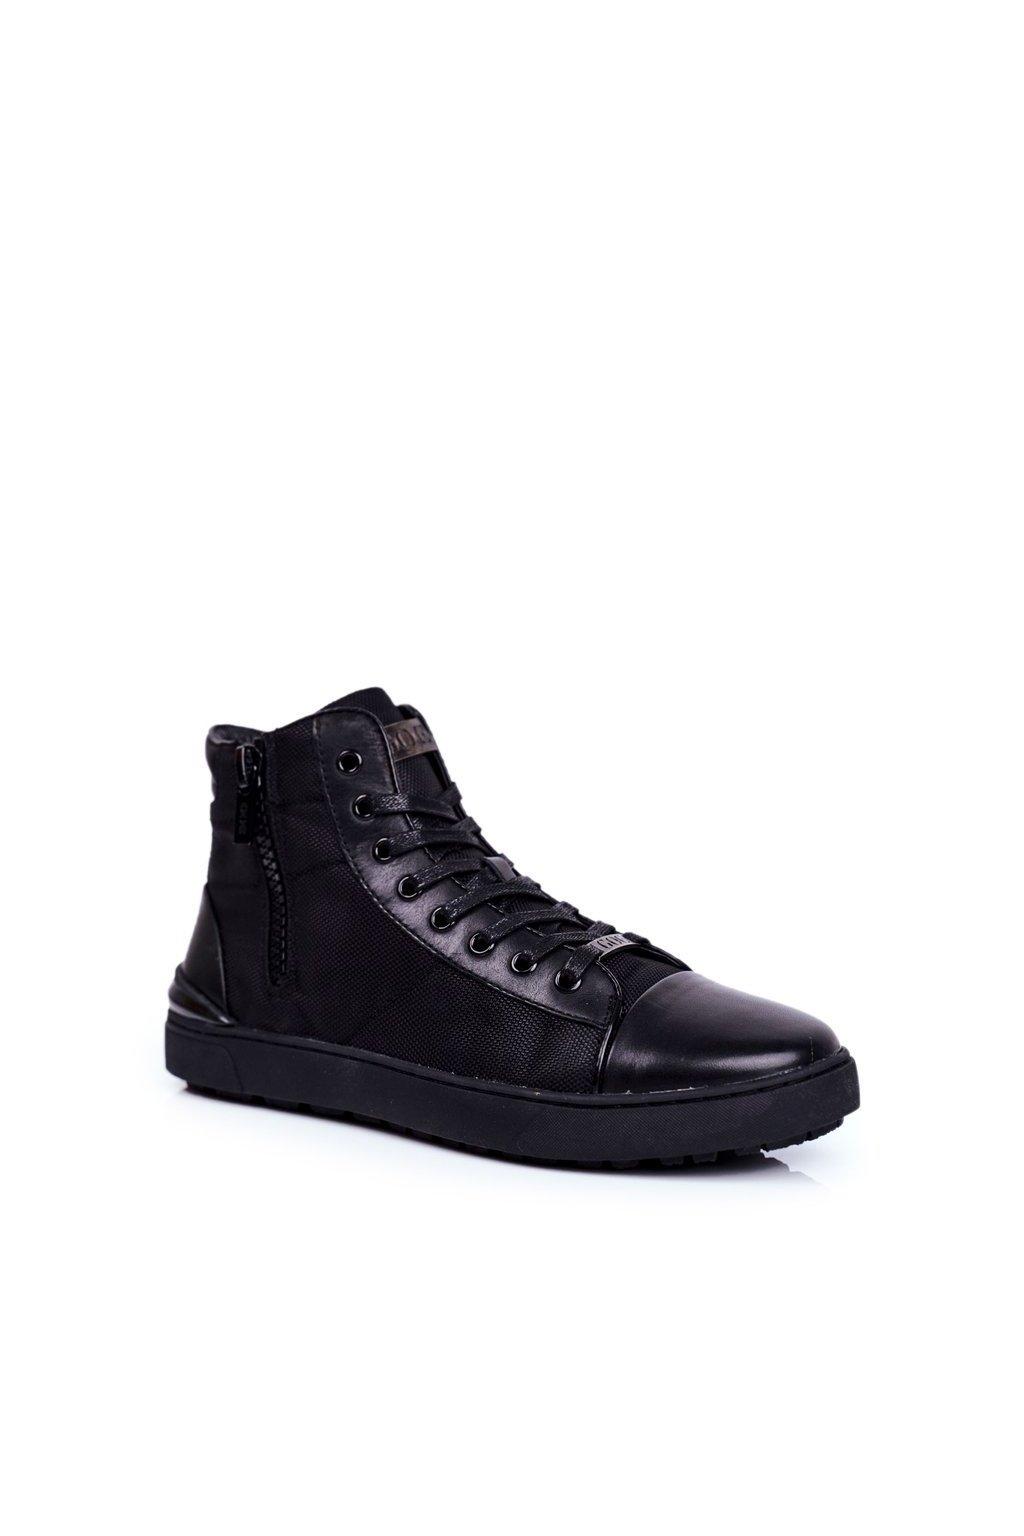 Čierna obuv kód topánok GG1N3019 BLK